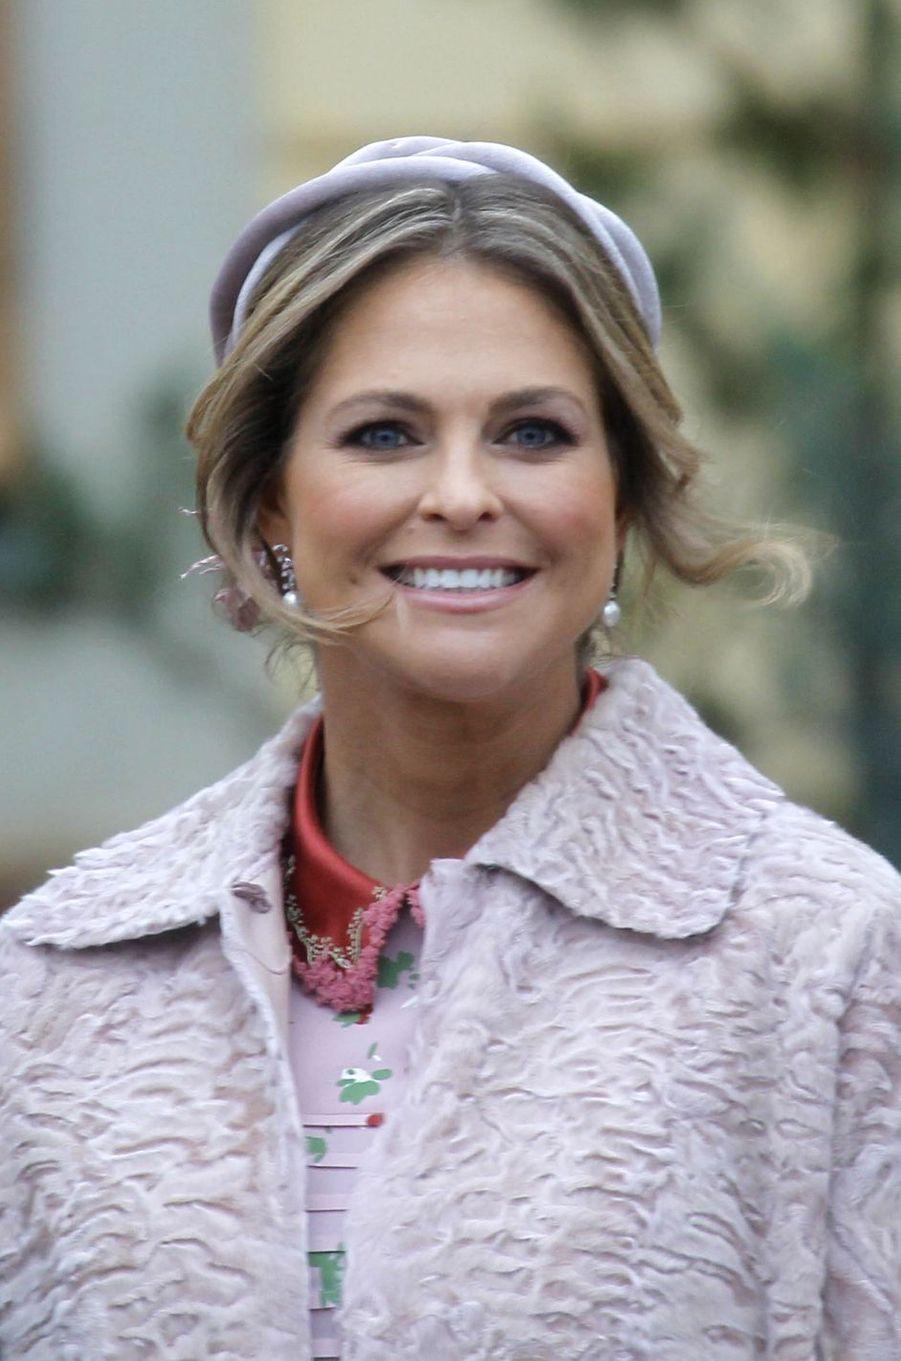 La princesse Madeleine de Suède à Stockholm, le 1er décembre 2017